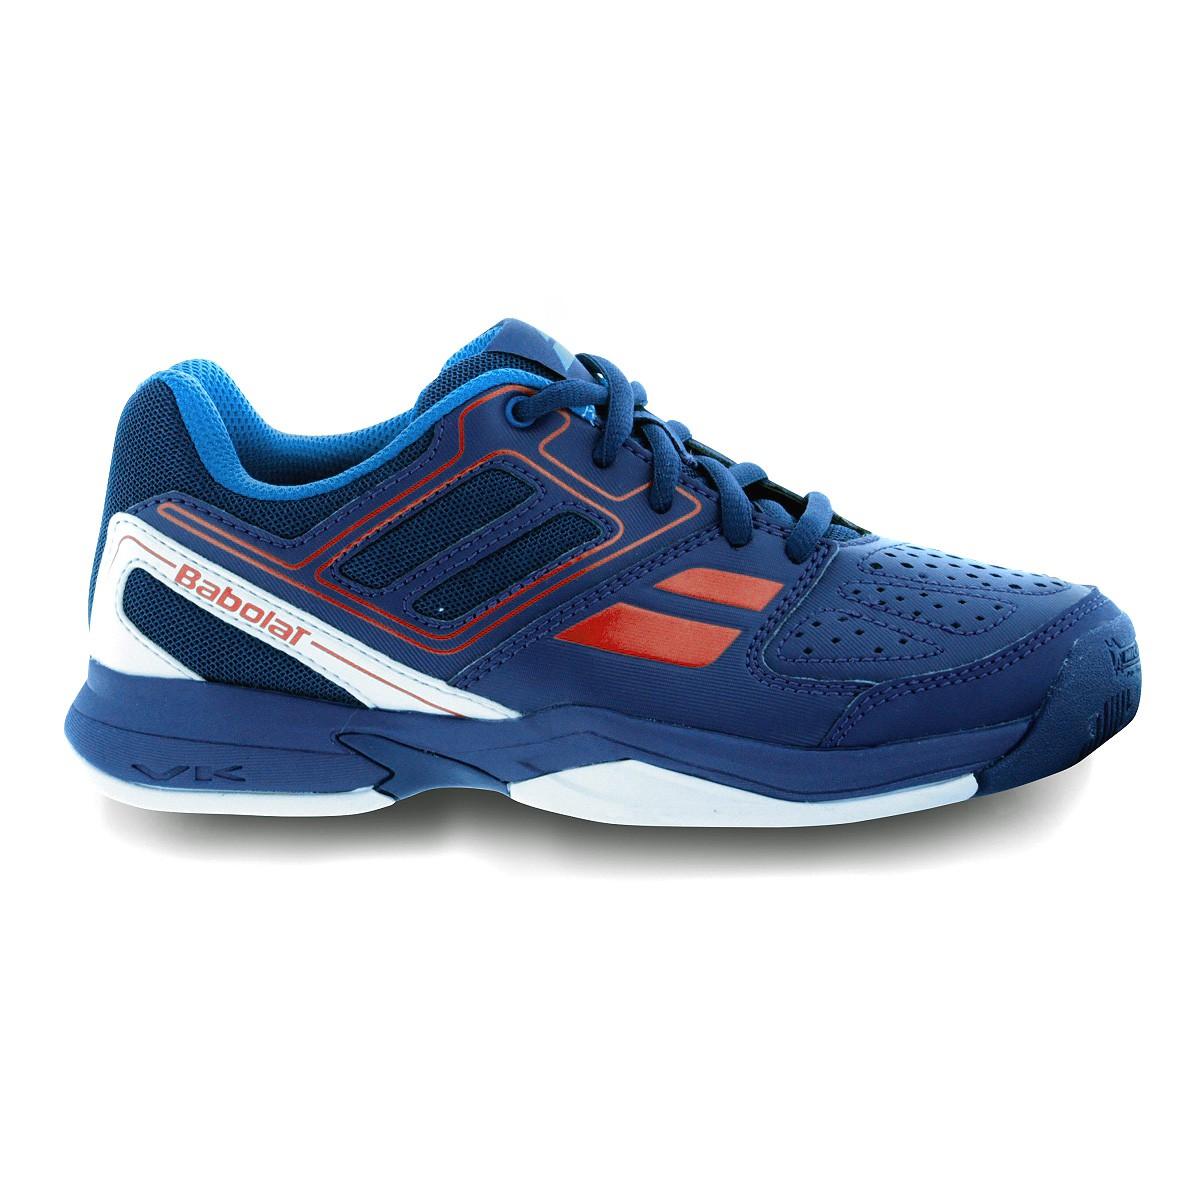 Buty tenisowe Babolat Pulsion BPM Junior Blue - Wyprzedaż!